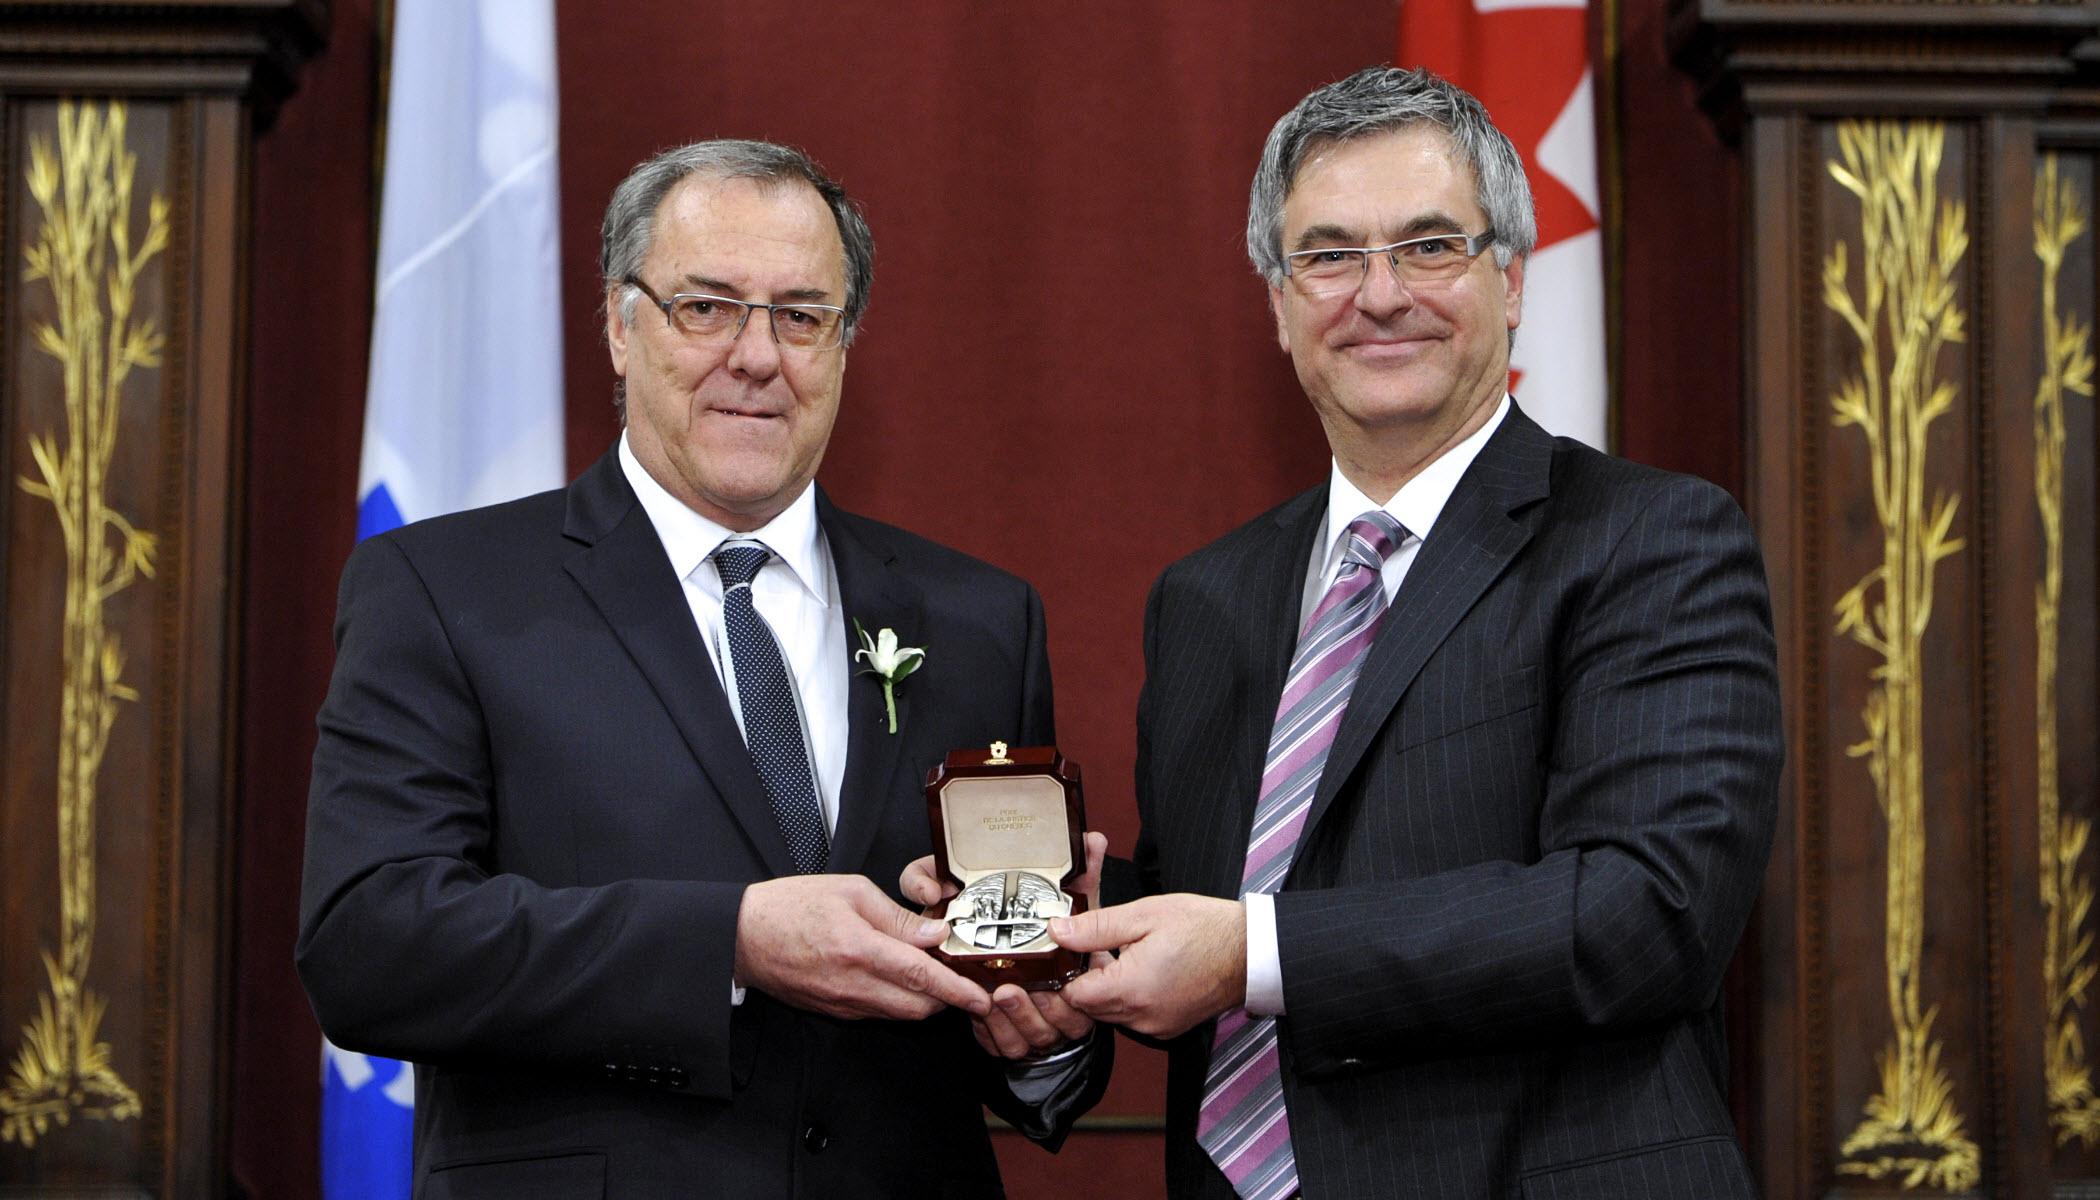 Le Prix de la justice du Québec 2010 a été décerné à Laurent McCutcheon par Jean-Marc Fournier, ministre de la Justice du Québec, pour sa contribution à l'égalité de droits.